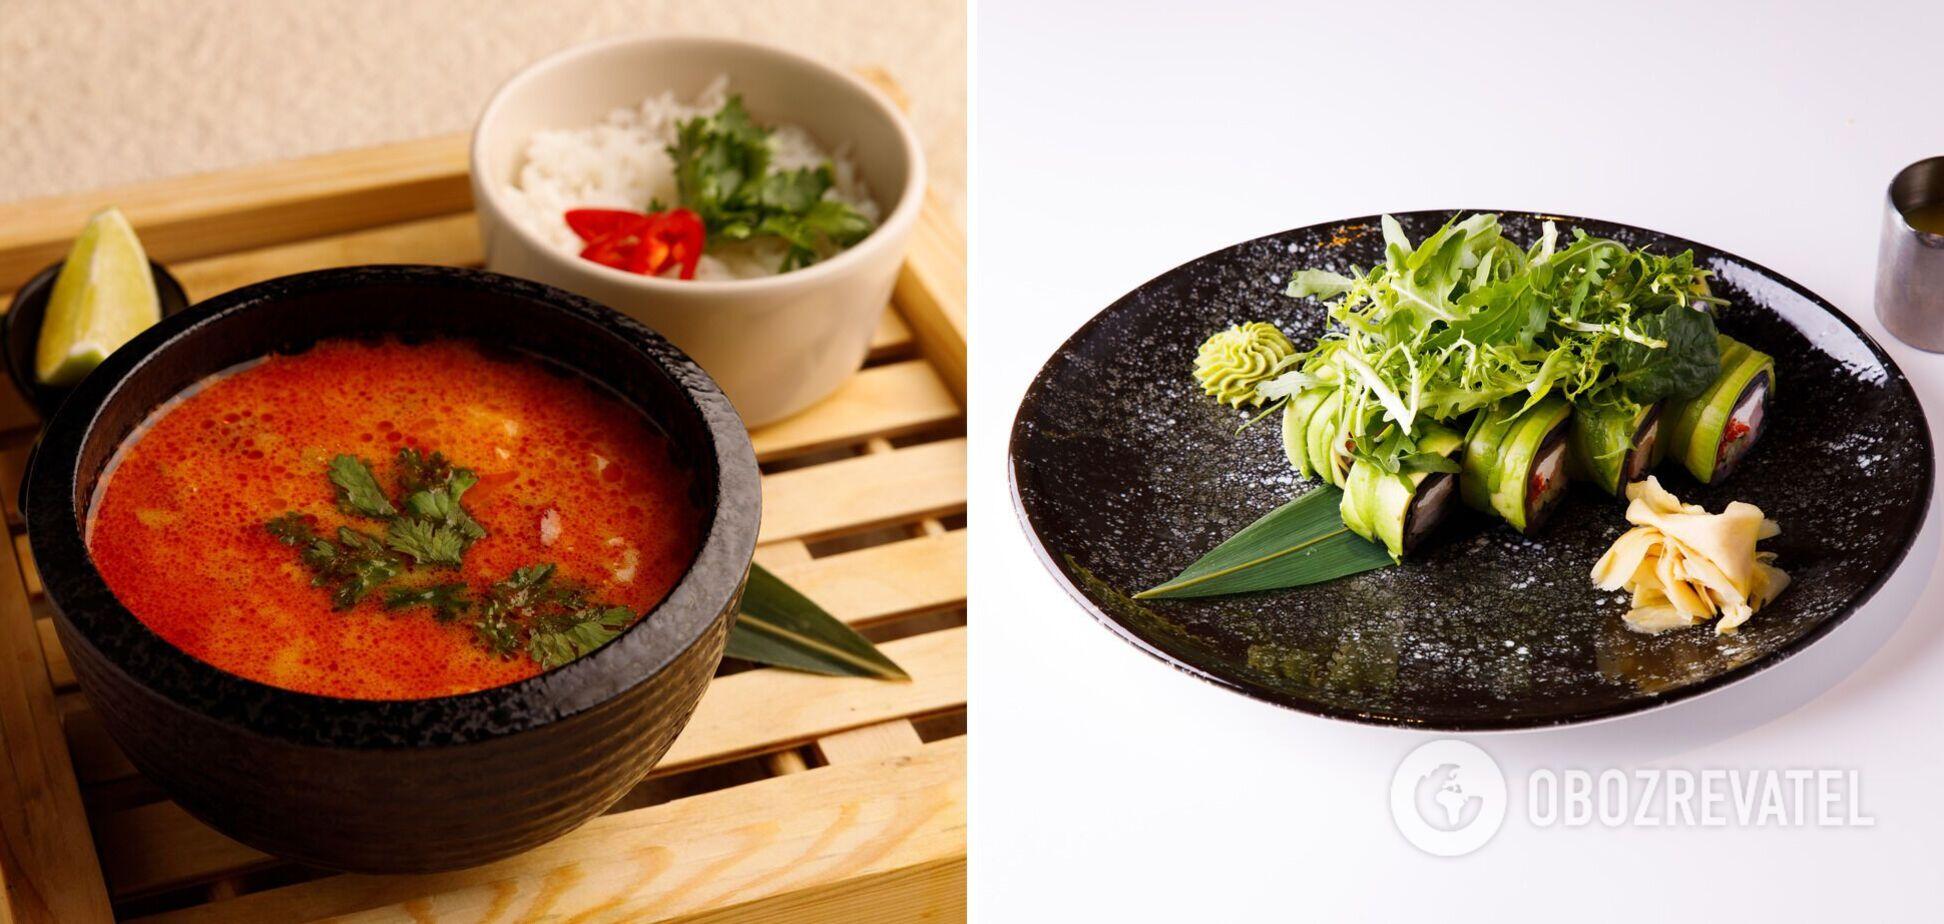 Азіатський обід від шеф-кухаря: корисний суп і роли без рису